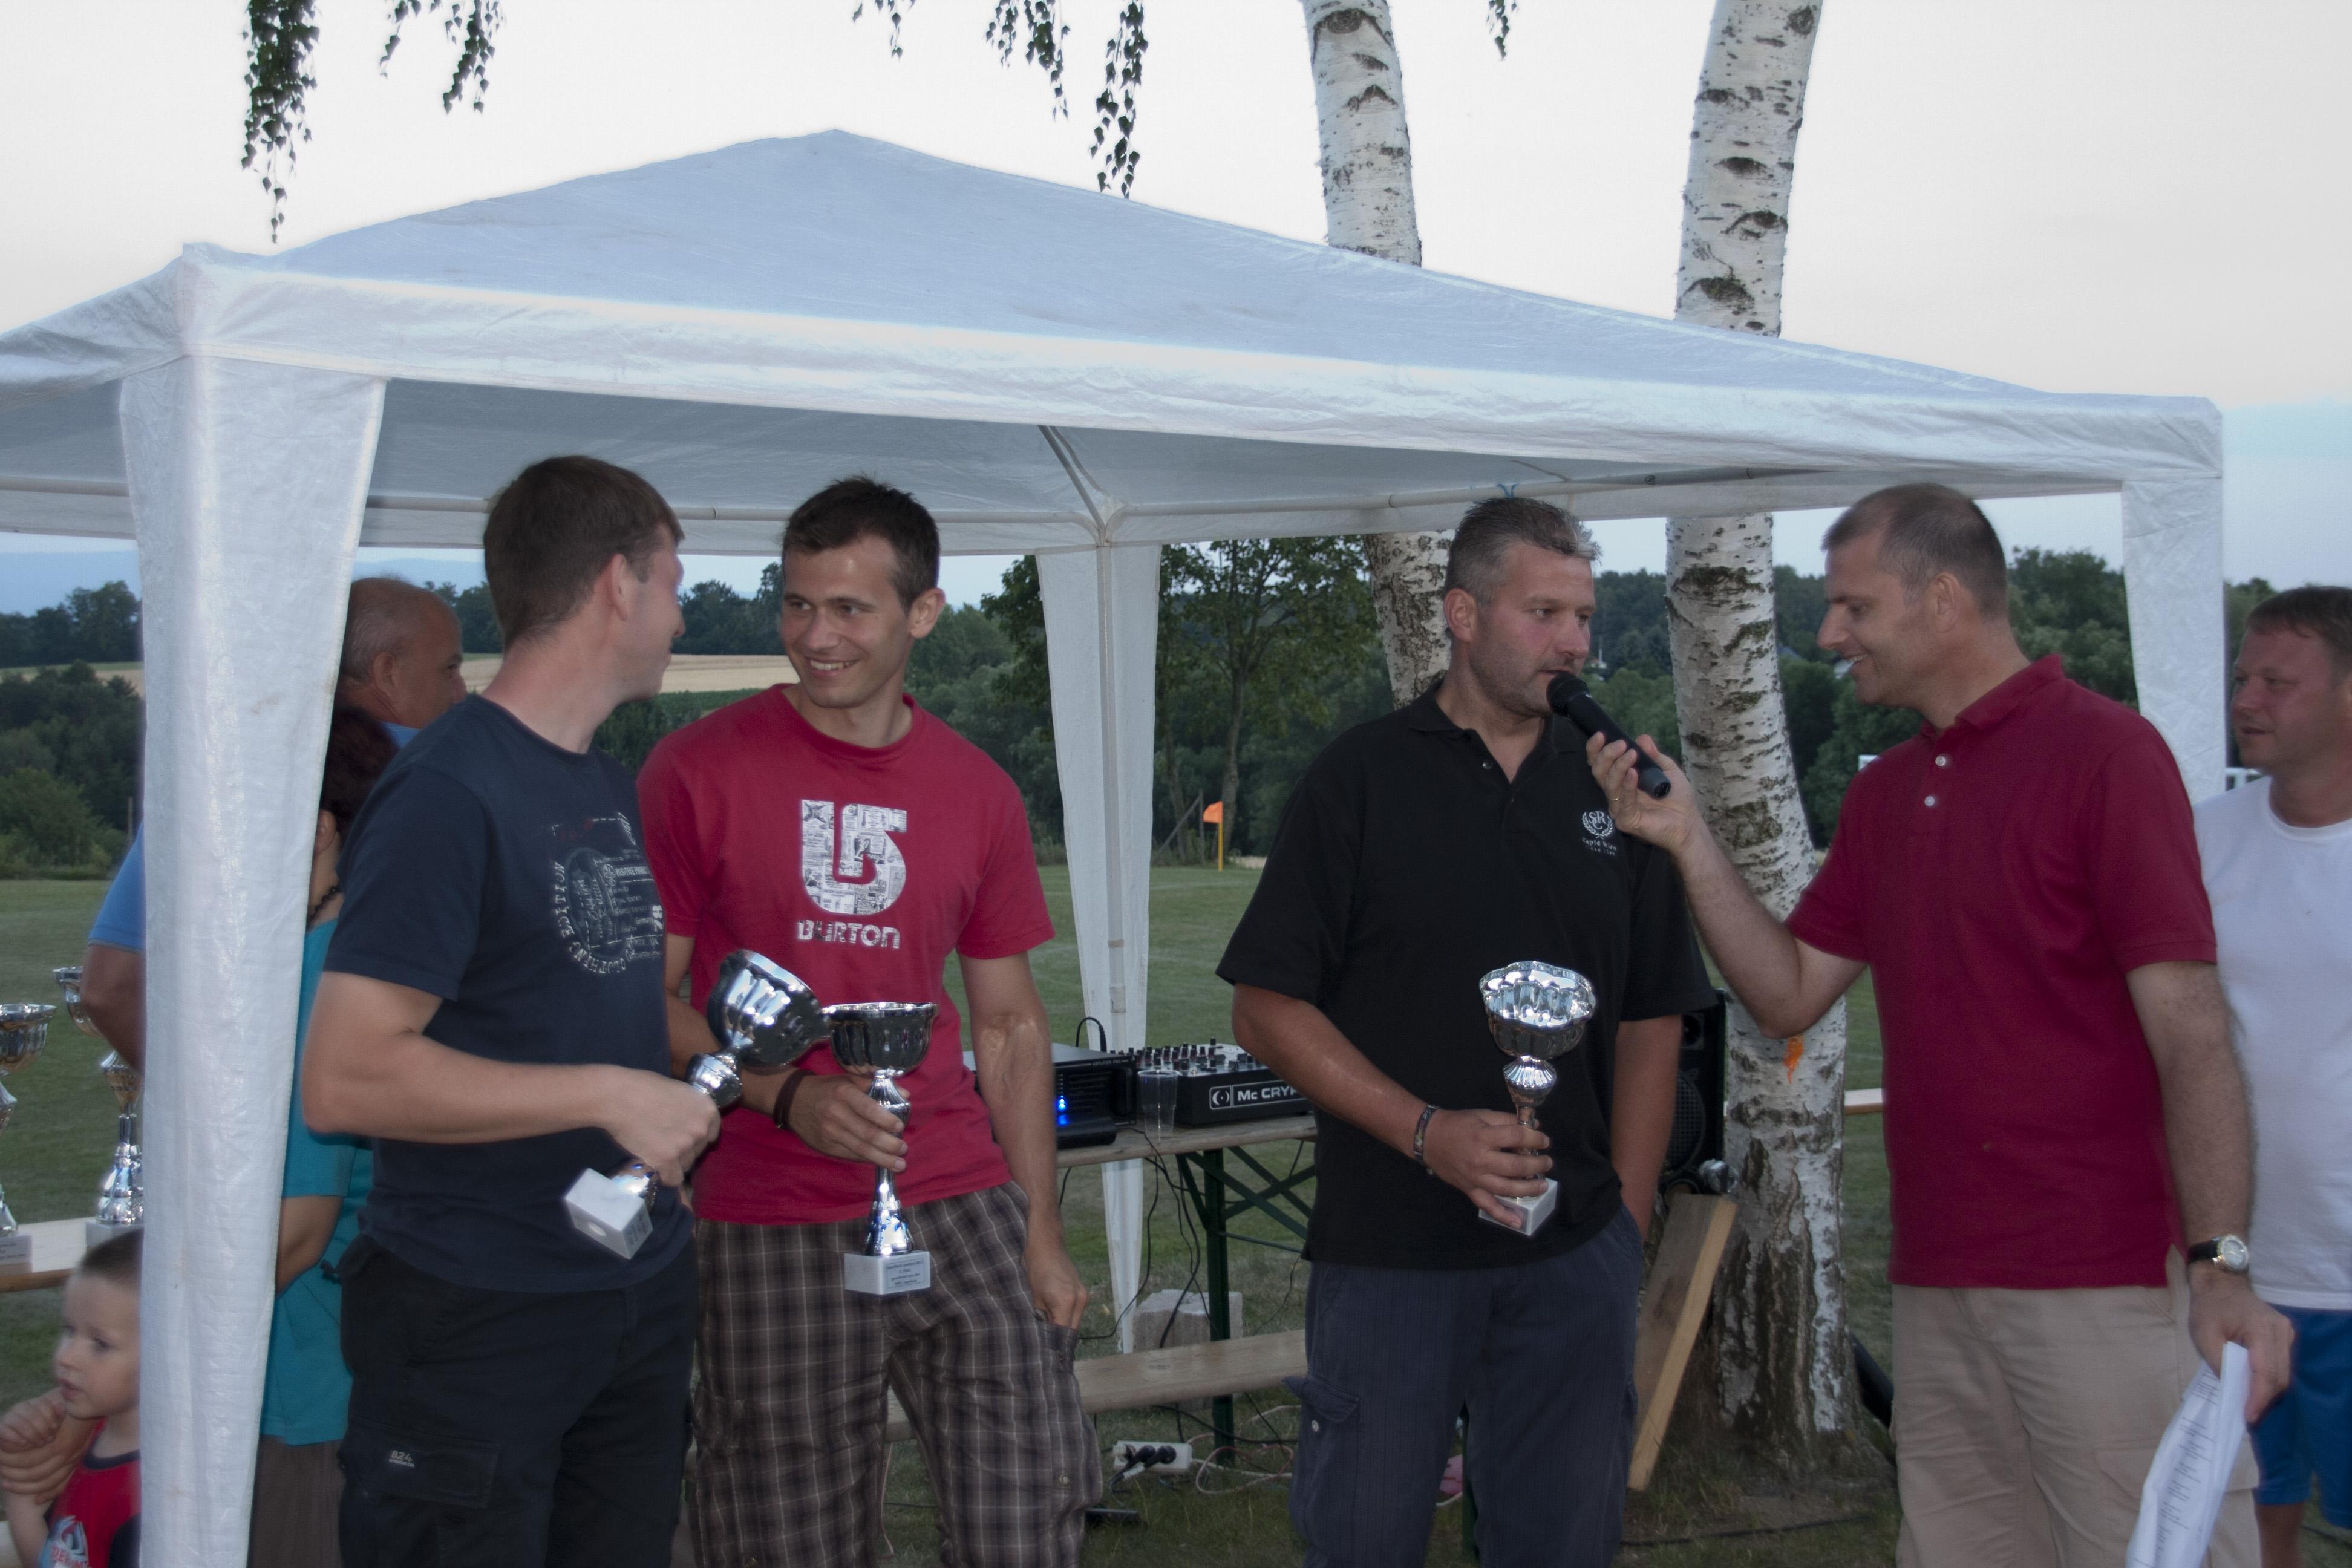 2012-07-07-sportfest-landsee-139